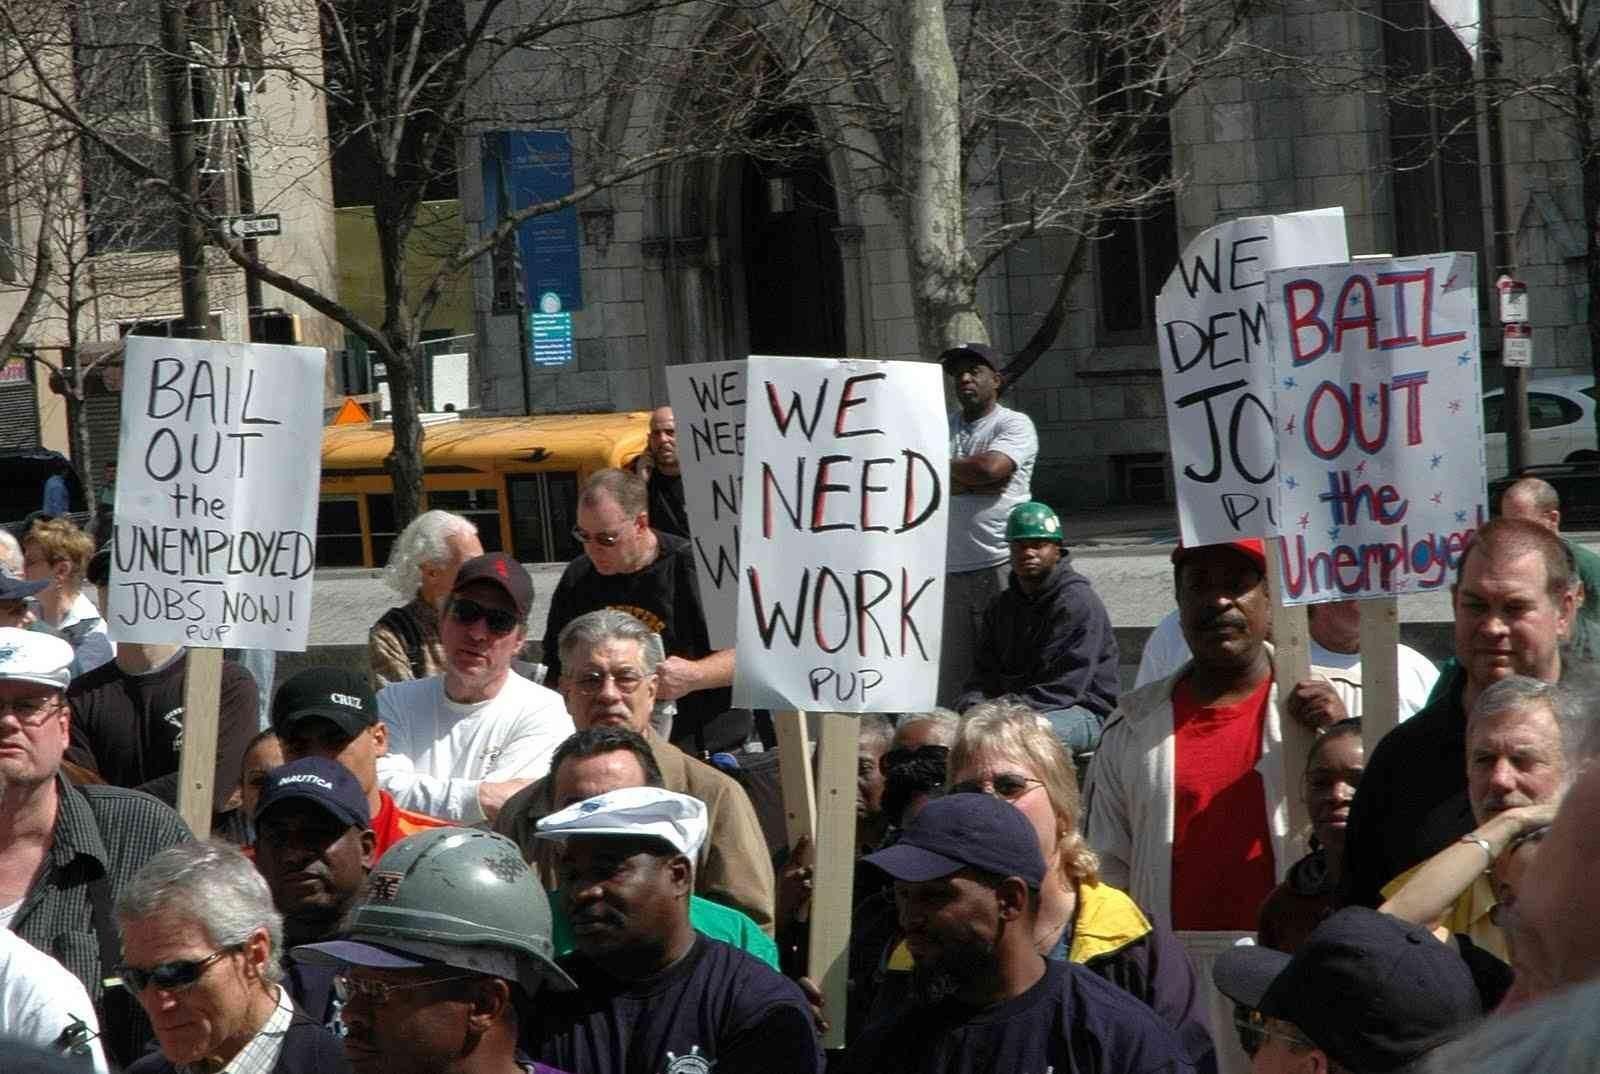 أكثر من مليون طلب جديد لإعانات البطالة في الولايات المتحدة الأسبوع الماضي